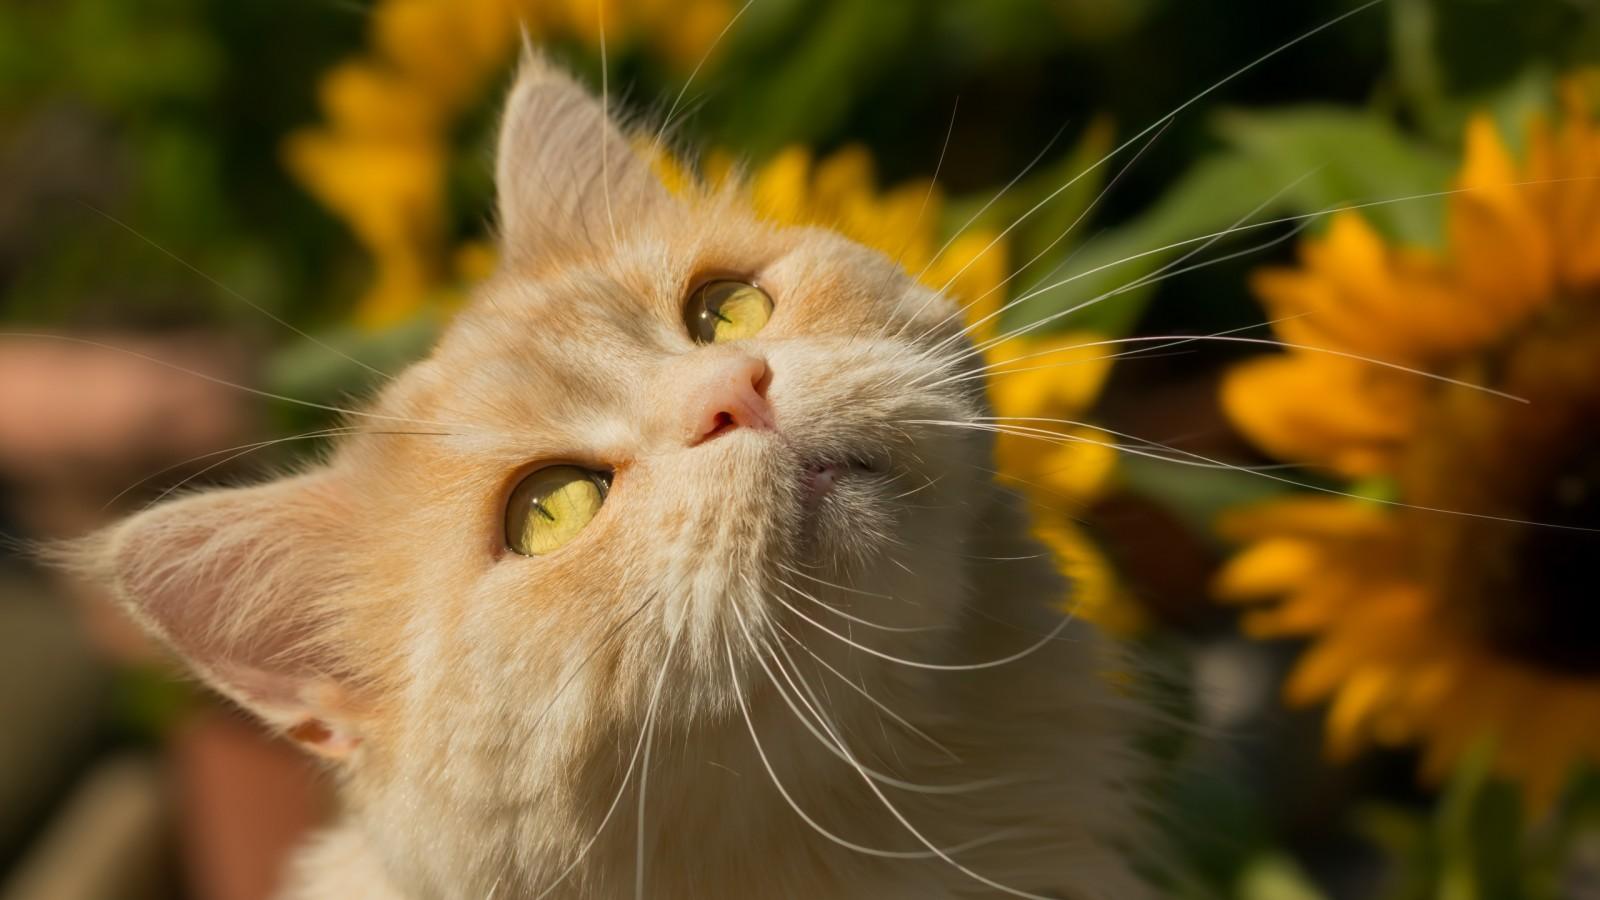 بالصور اجمل صور قطط , صور جميله عن القطط 6108 7